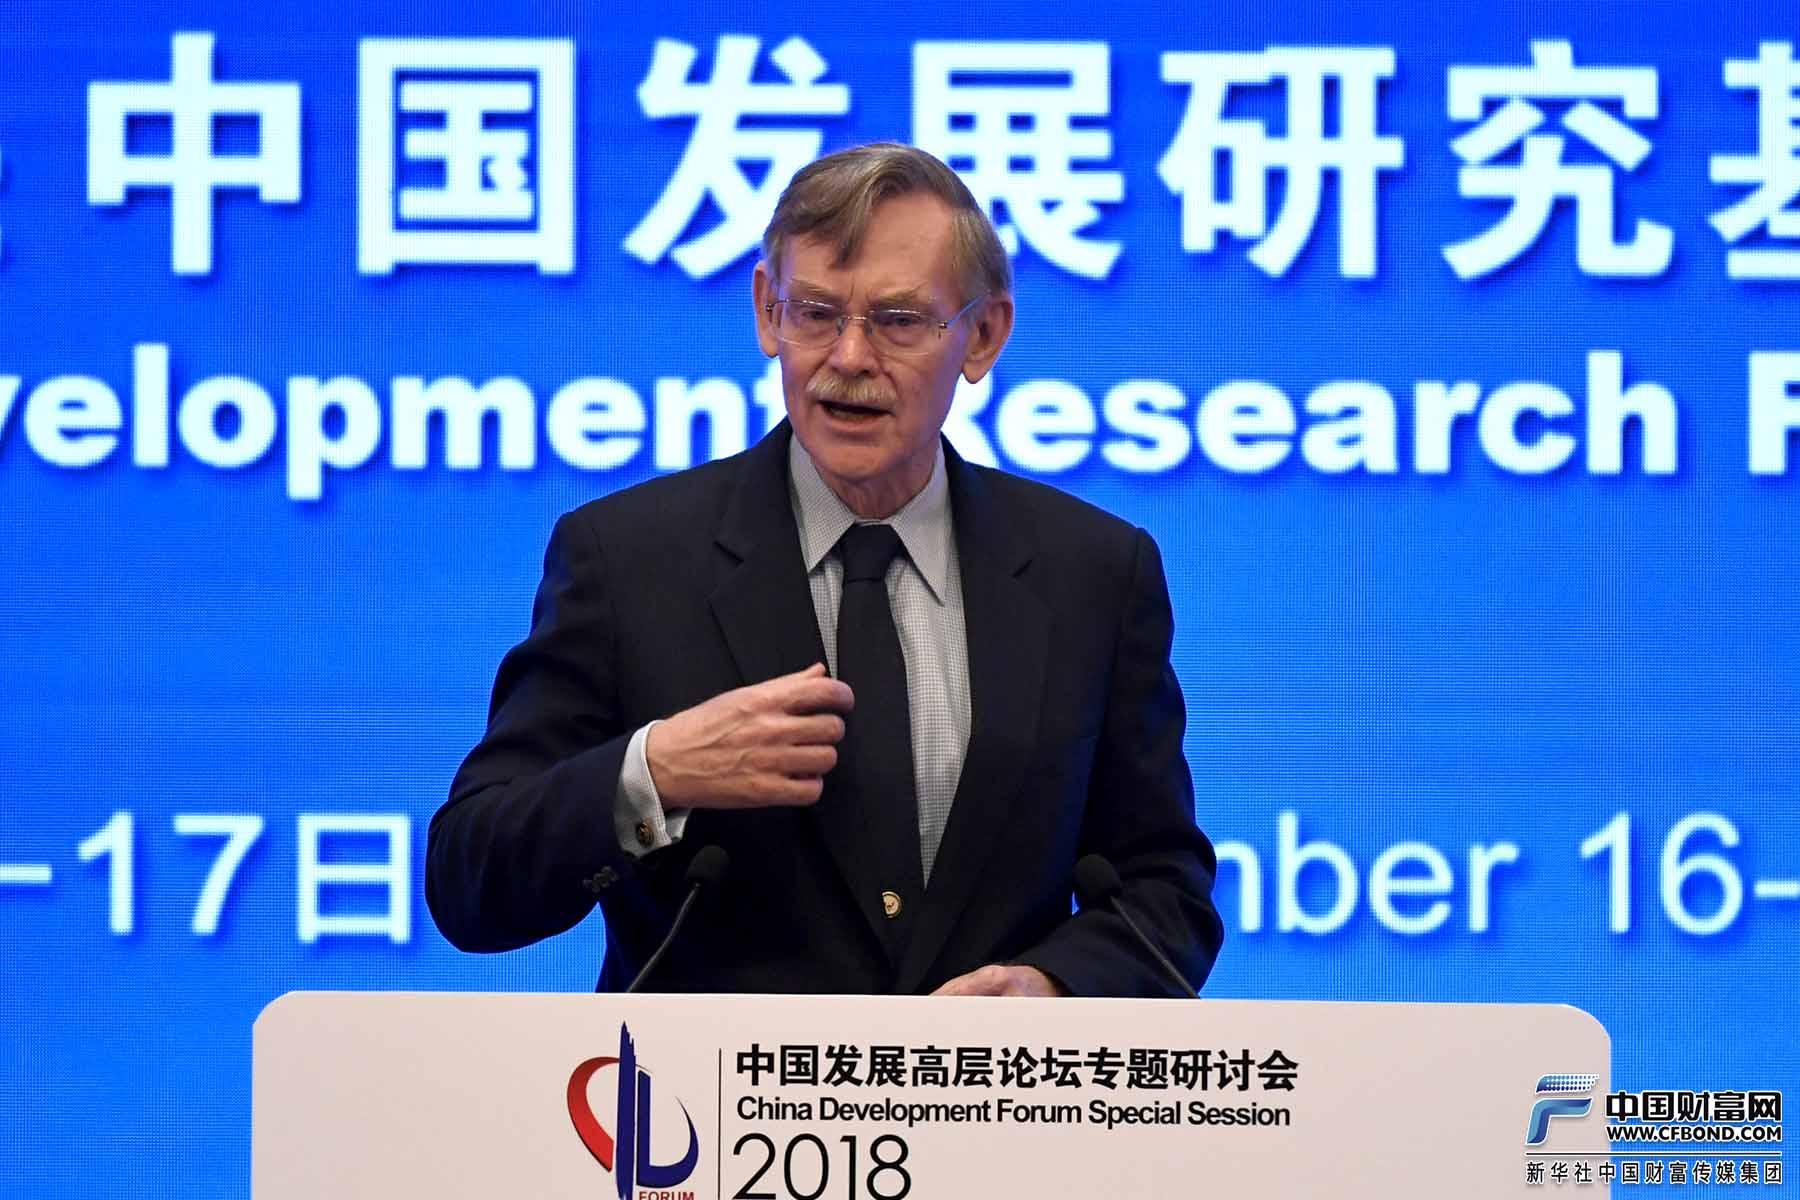 世行前行长佐利克:中国目前面临三大挑战